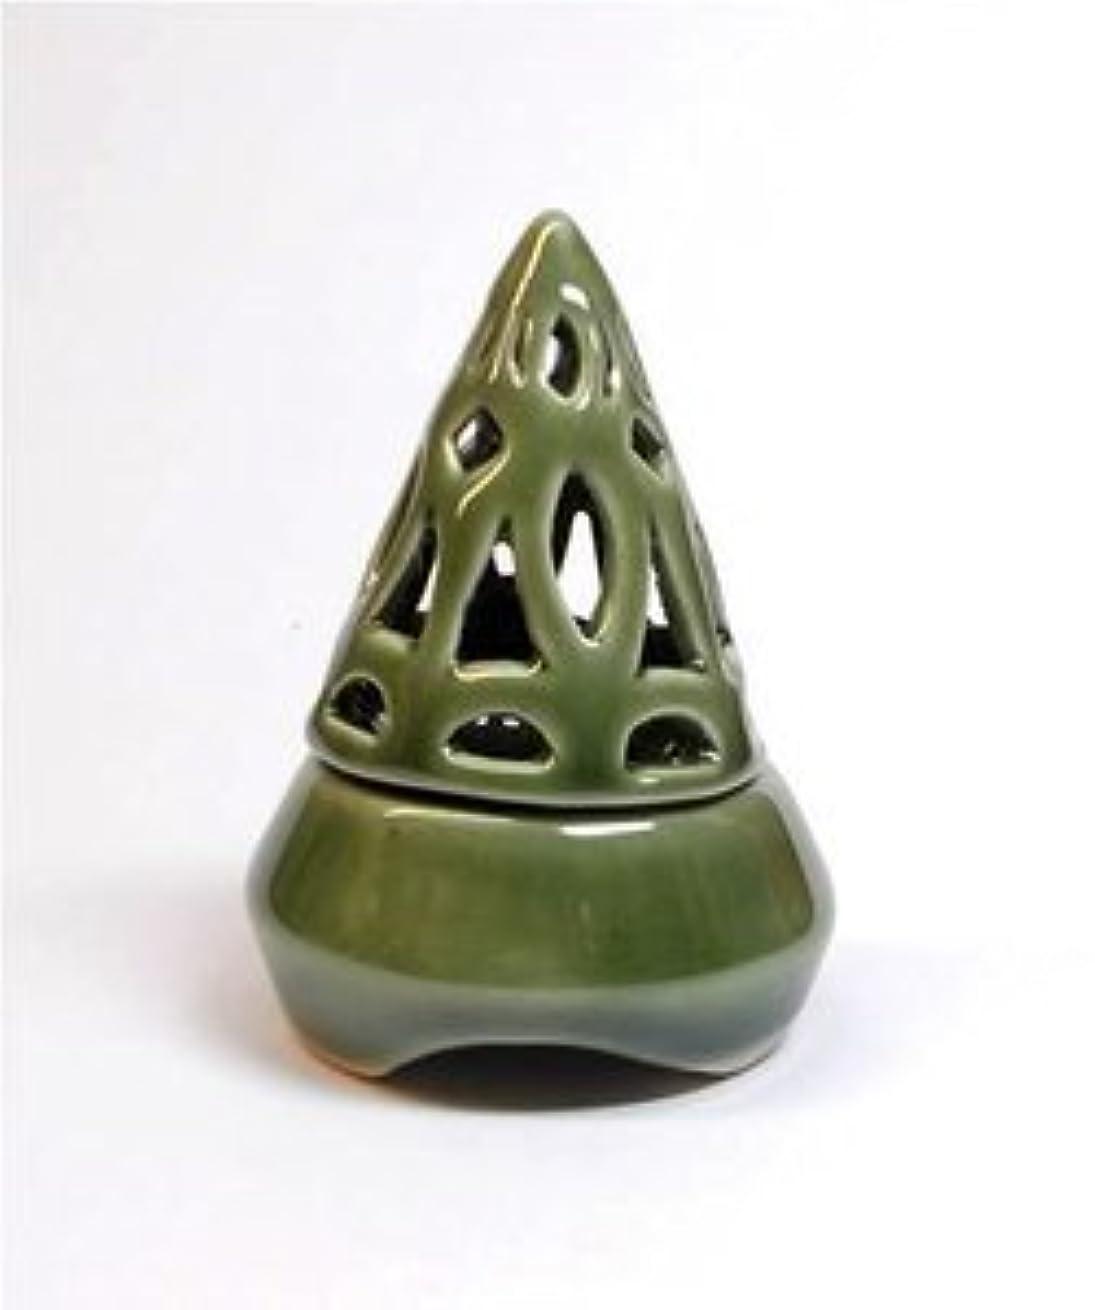 貪欲公使館削除する香炉コーン型 緑 インセンス ホルダー コーン用 お香立て アジアン雑貨